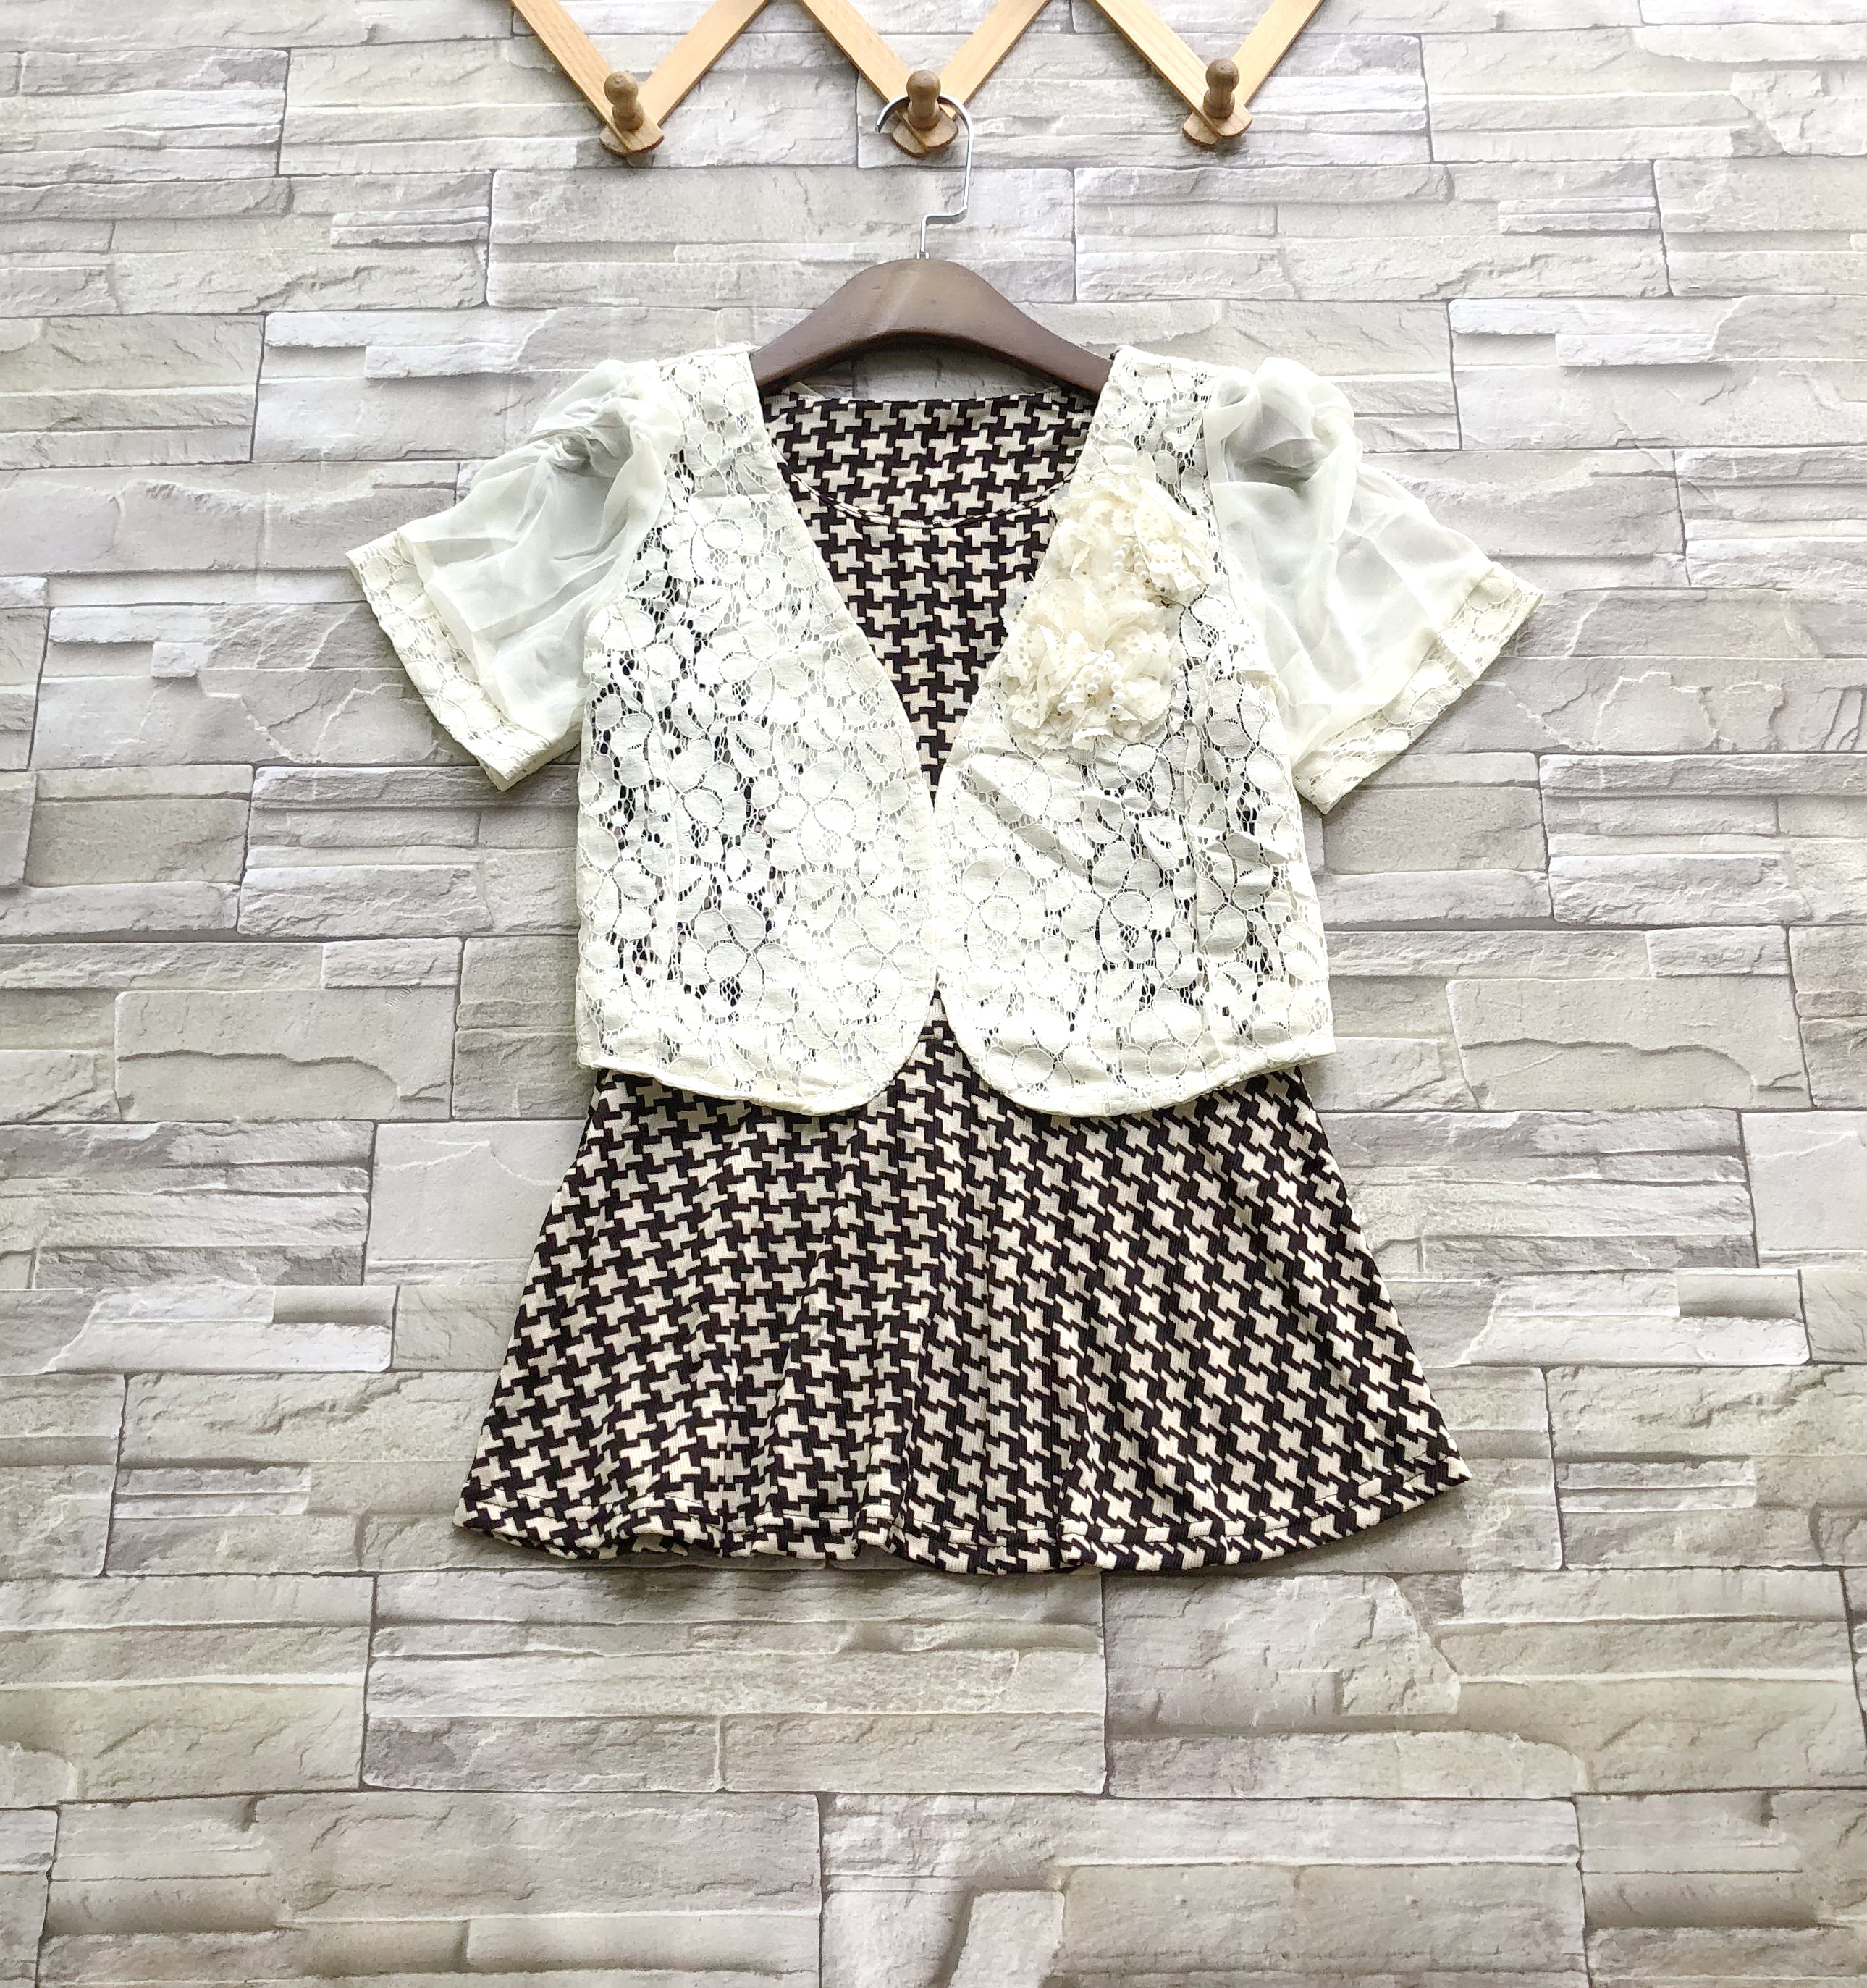 ส่ง:งานจีนเช็ท2ชิ้น/เสื้อknitเก๋ๆลายชิโนริ+เสื้อคลุมลูกไม้อก32-36